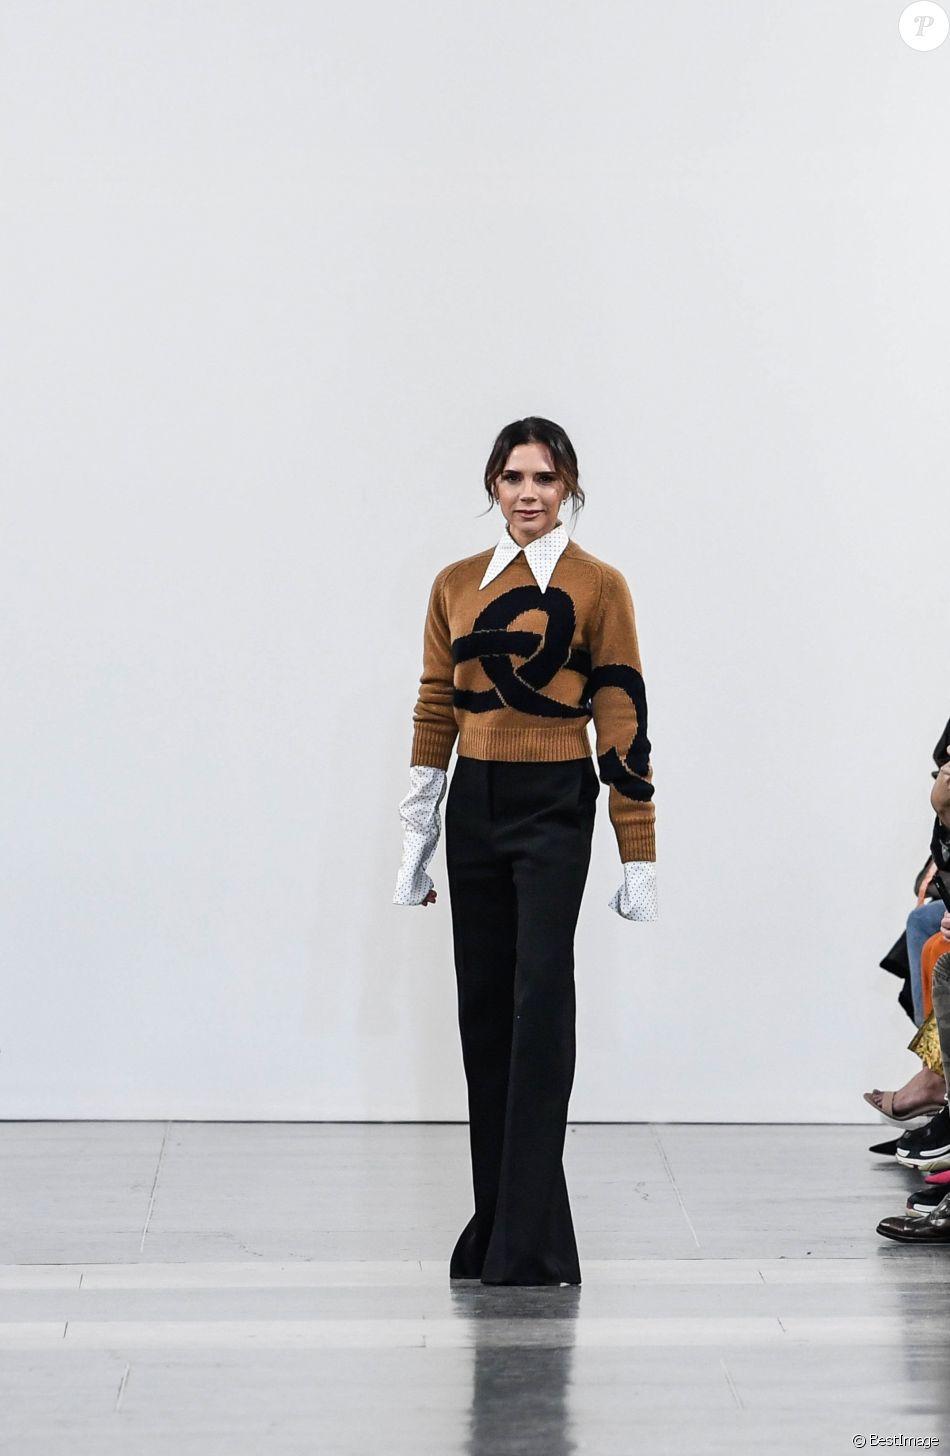 Défilé de mode Victoria Beckham, collection prêt-à-porter automne-hiver 2019/2020 lors de la Fashion Week de Londres, le 17 février 2019.